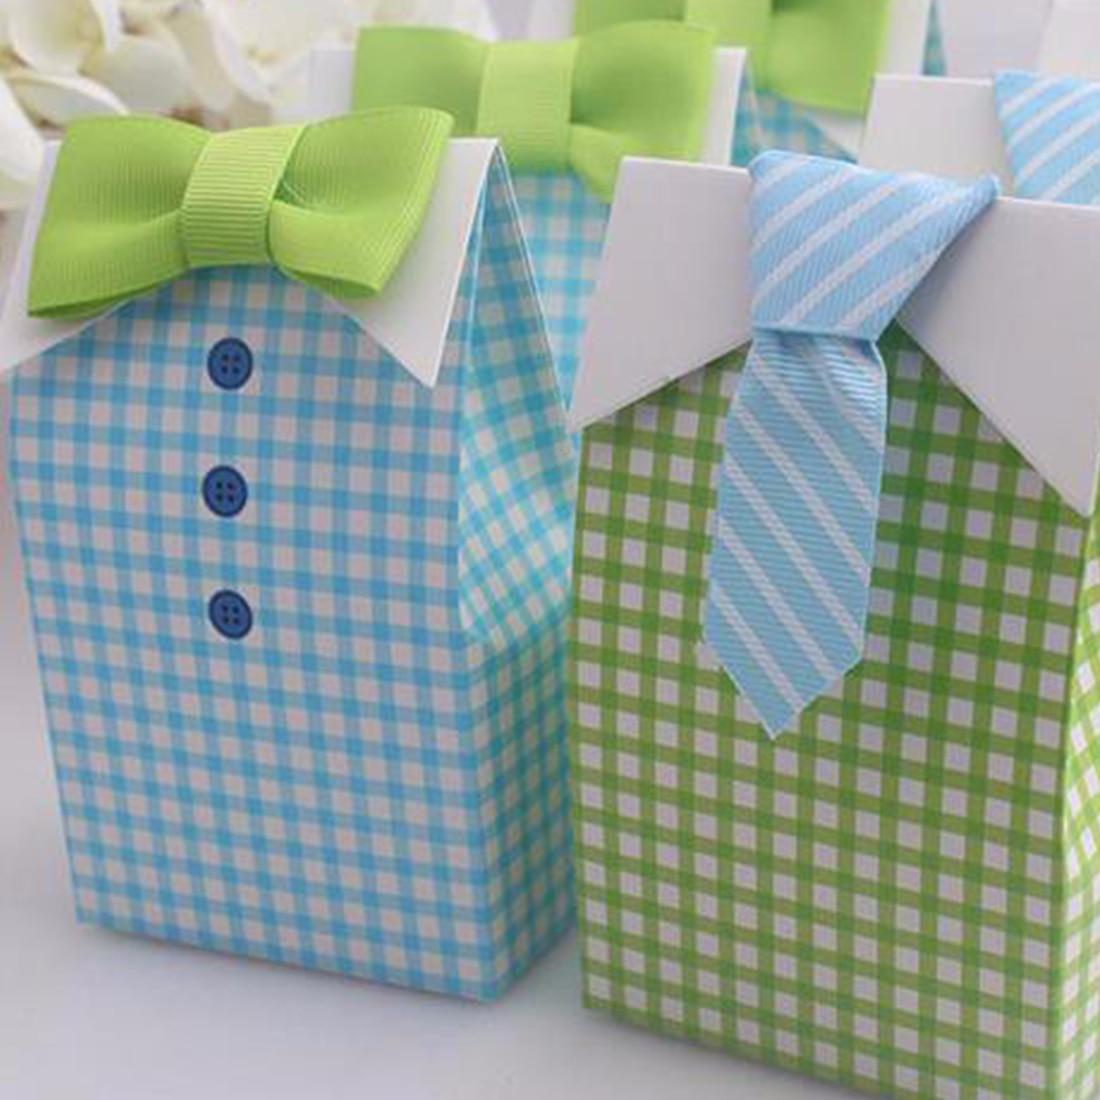 Как упаковать подарок ребенку мальчику на день рождения